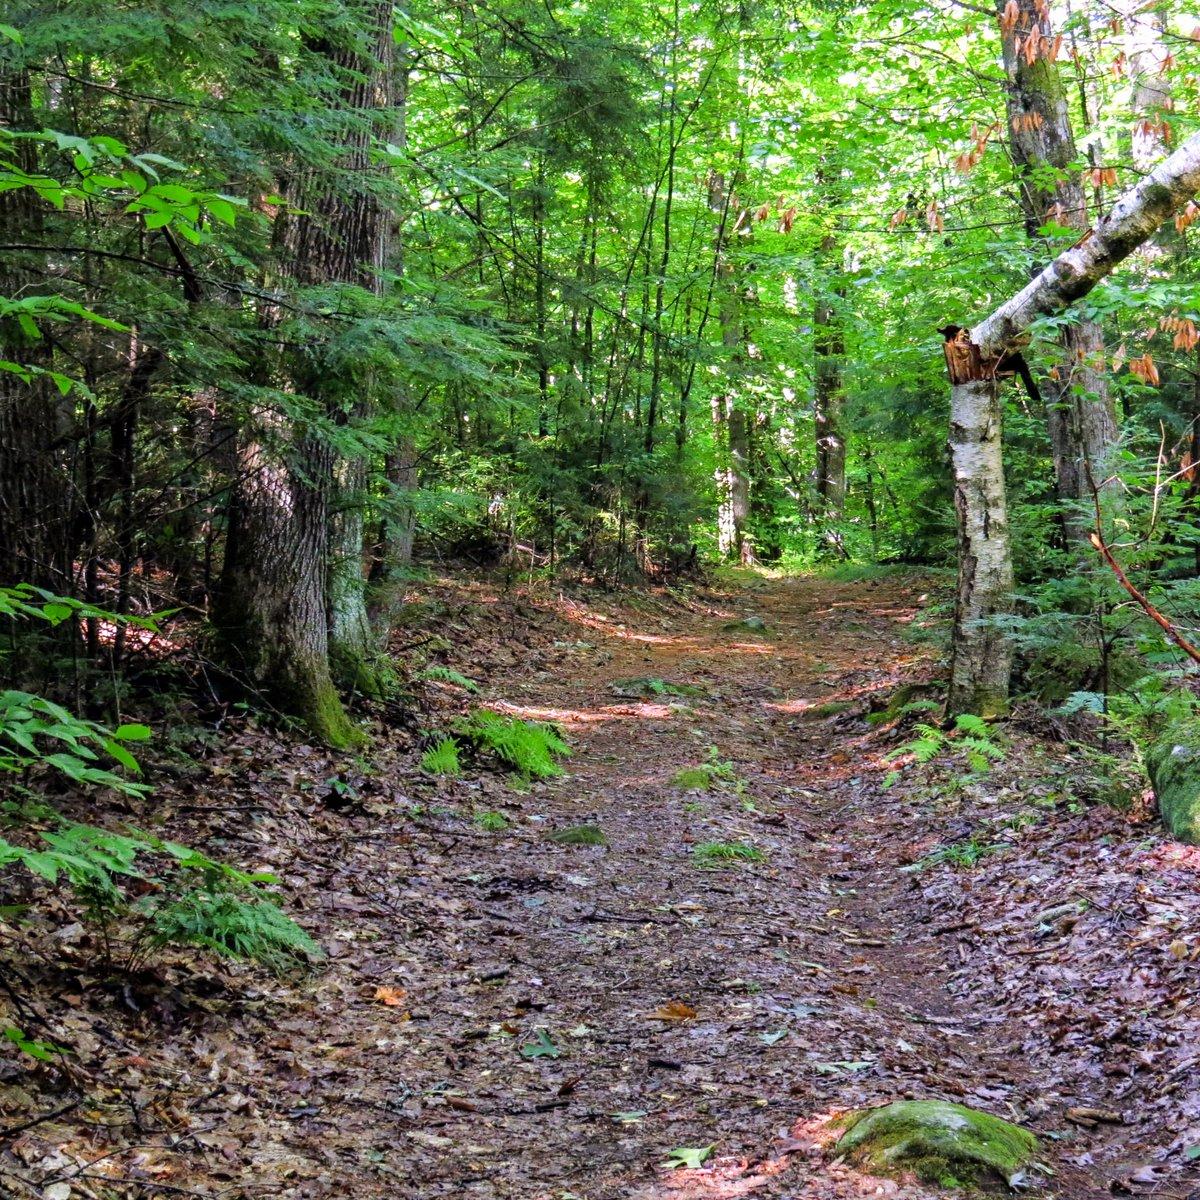 3. Trail Widening